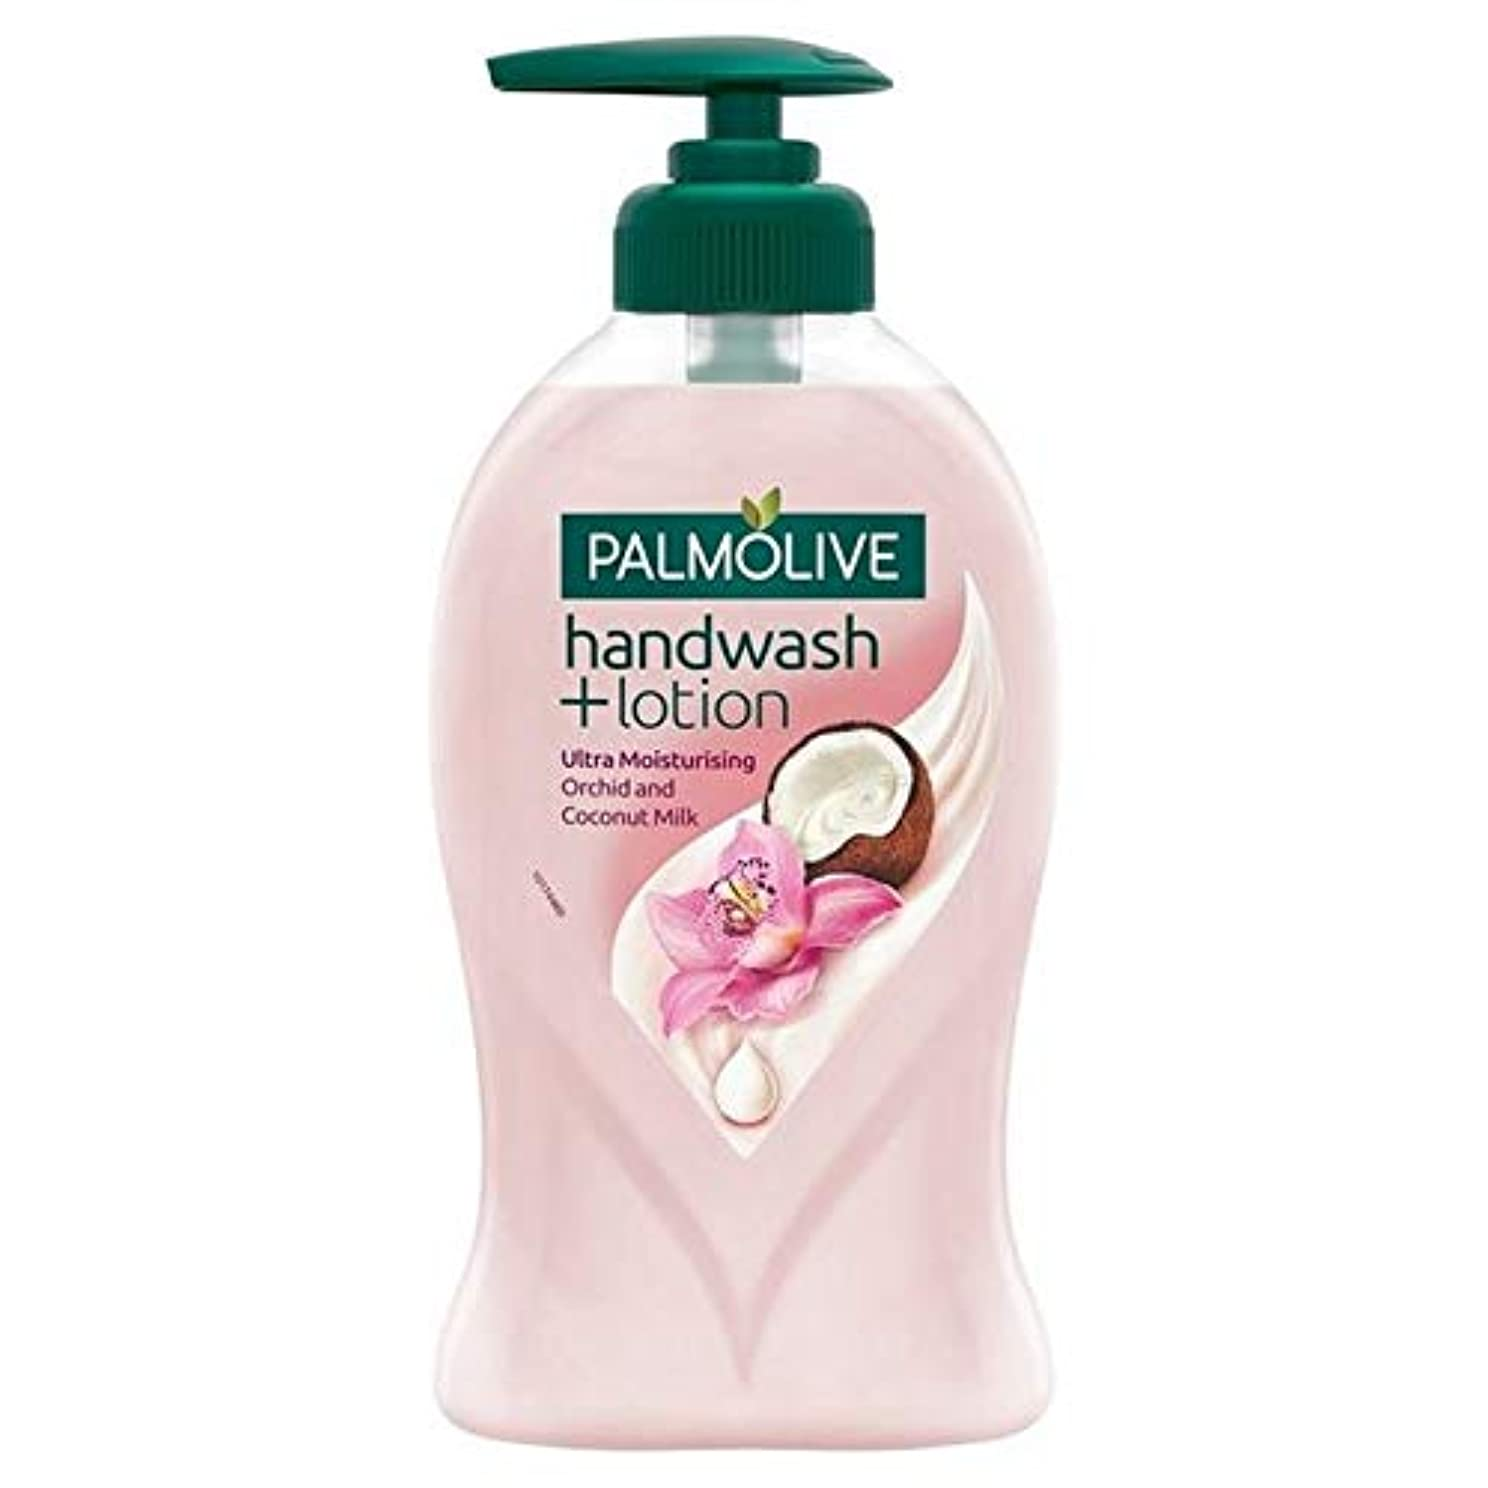 コロニーストライク掃く[Palmolive ] Palmolive社手洗い+ローション蘭&ココナッツミルク250ミリリットル - Palmolive Handwash + Lotion Orchid & Coconut Milk 250ml [並行輸入品]